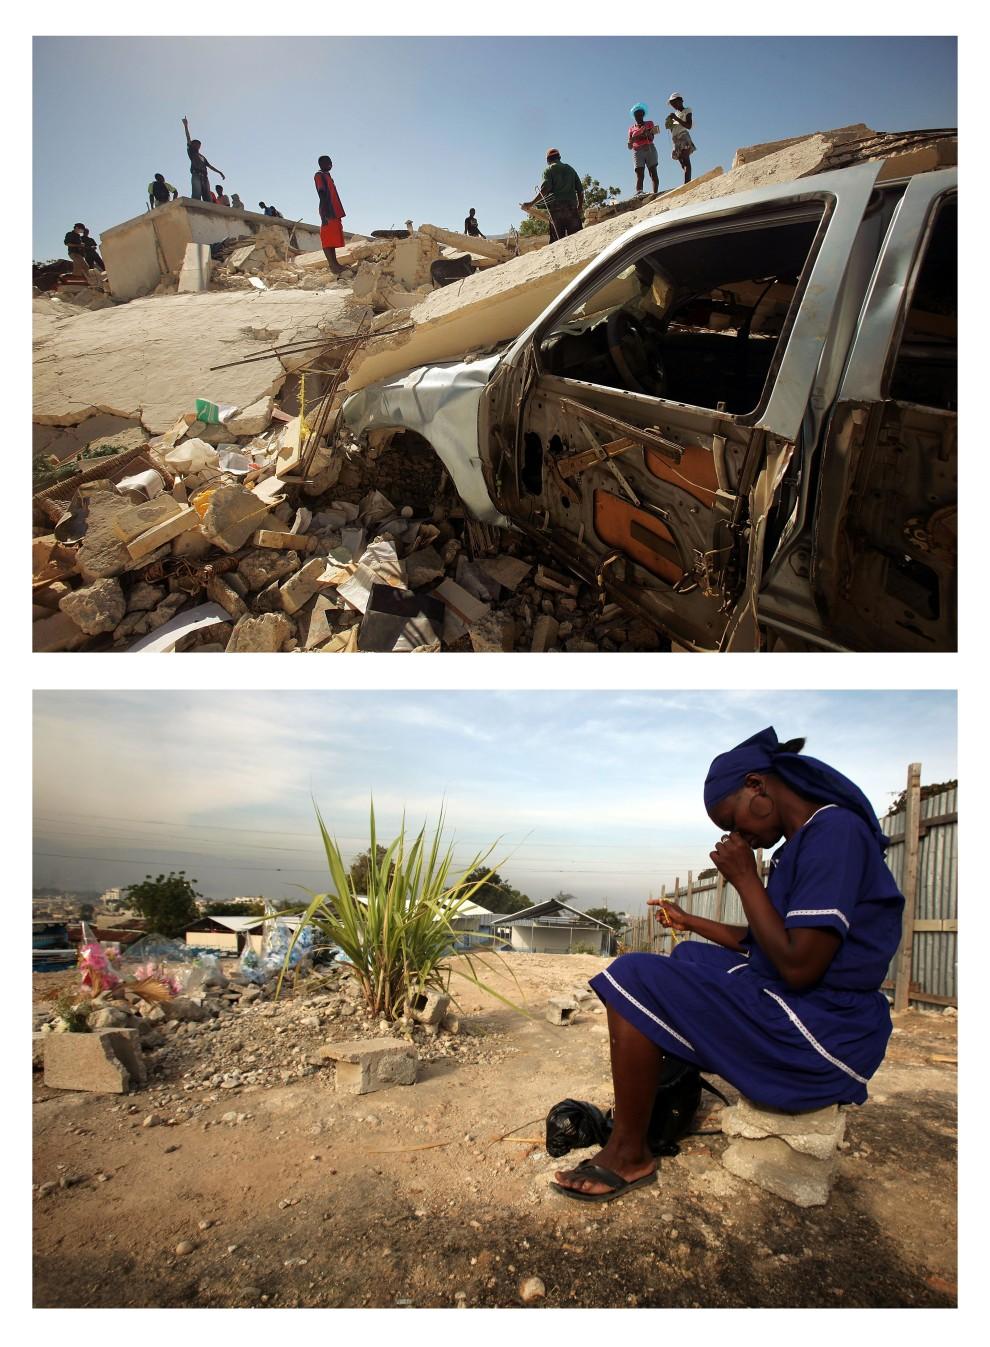 2. i 3. HAITI, Port-au-Prince, zdjęcie pierwsze z 29 stycznia 2010: Haitańczycy przeszukują gruzy szkoły katolickiej (L'ecole Notre Dame du Perpetual   Secours) Zdjęcie drugie z 8 stycznia 2011: To samo miejsce – Mary Claude Felix modli się za ofiary trzęśienia ziemi. (Foto: Mario Tama/Getty Images)